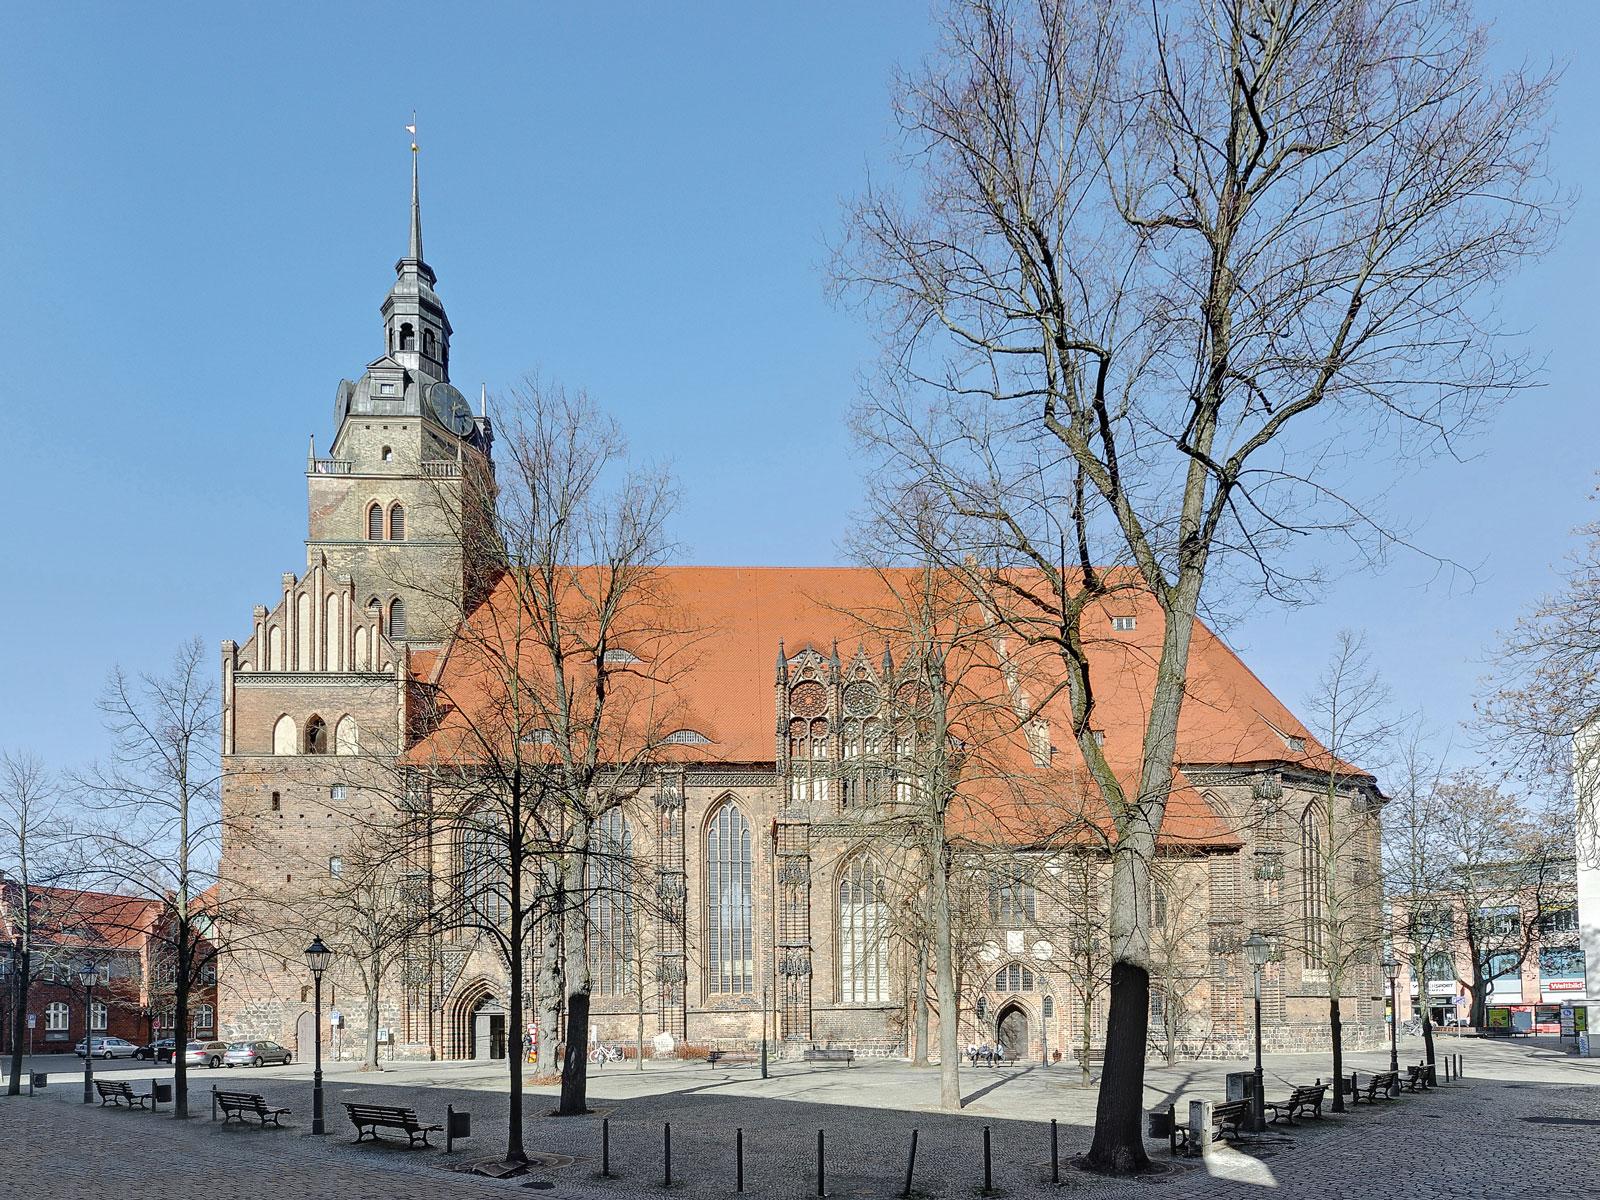 Die Pfarrkirche St. Katharinen in Brandenburg an der Havel; © Dr. Krekeler Generalplaner GmbH / Foto: S. Melchior